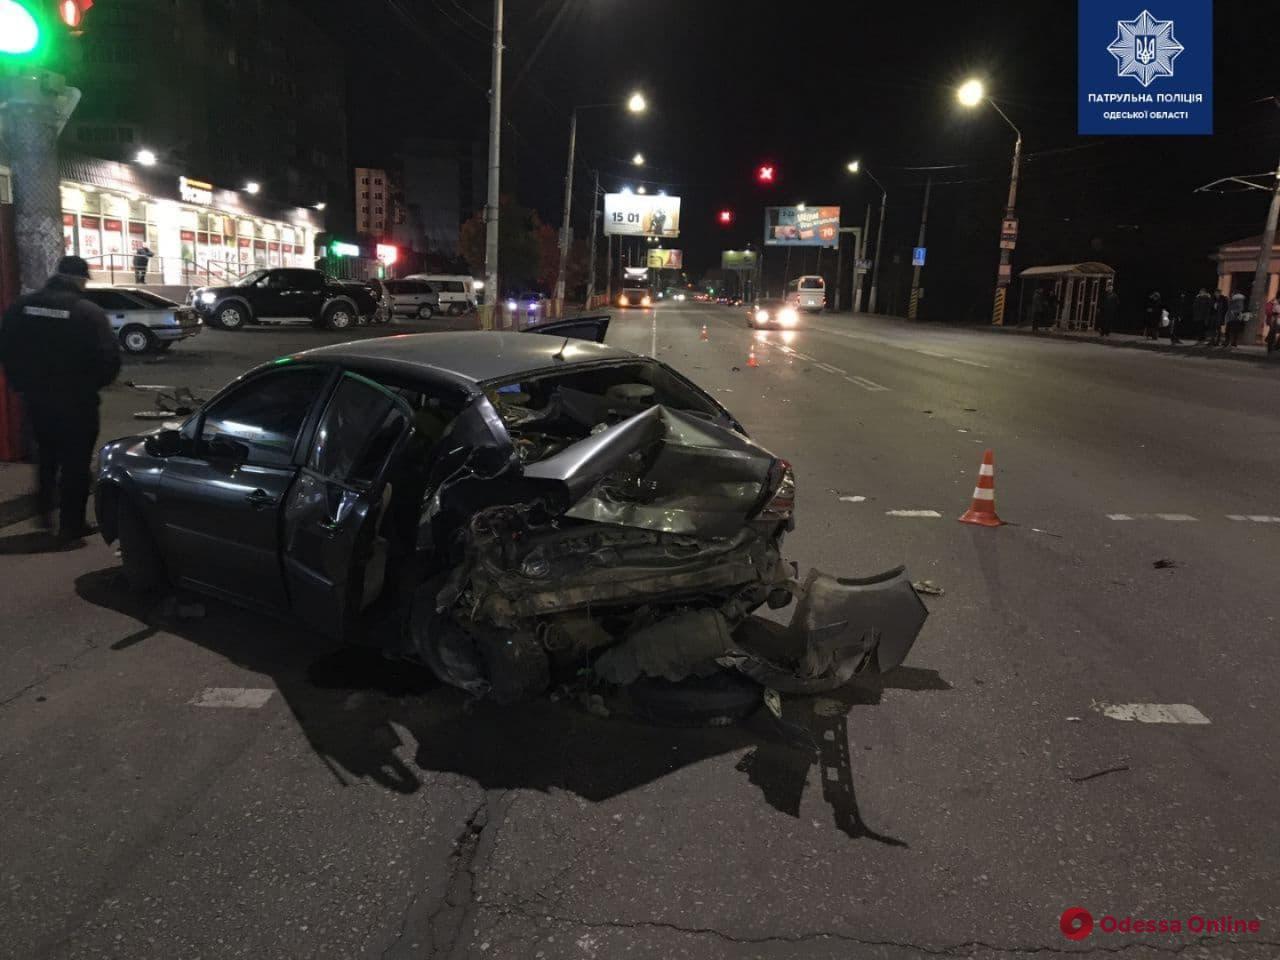 На Николаевской дороге столкнулись Renault та Lexus – пострадал один из водителей